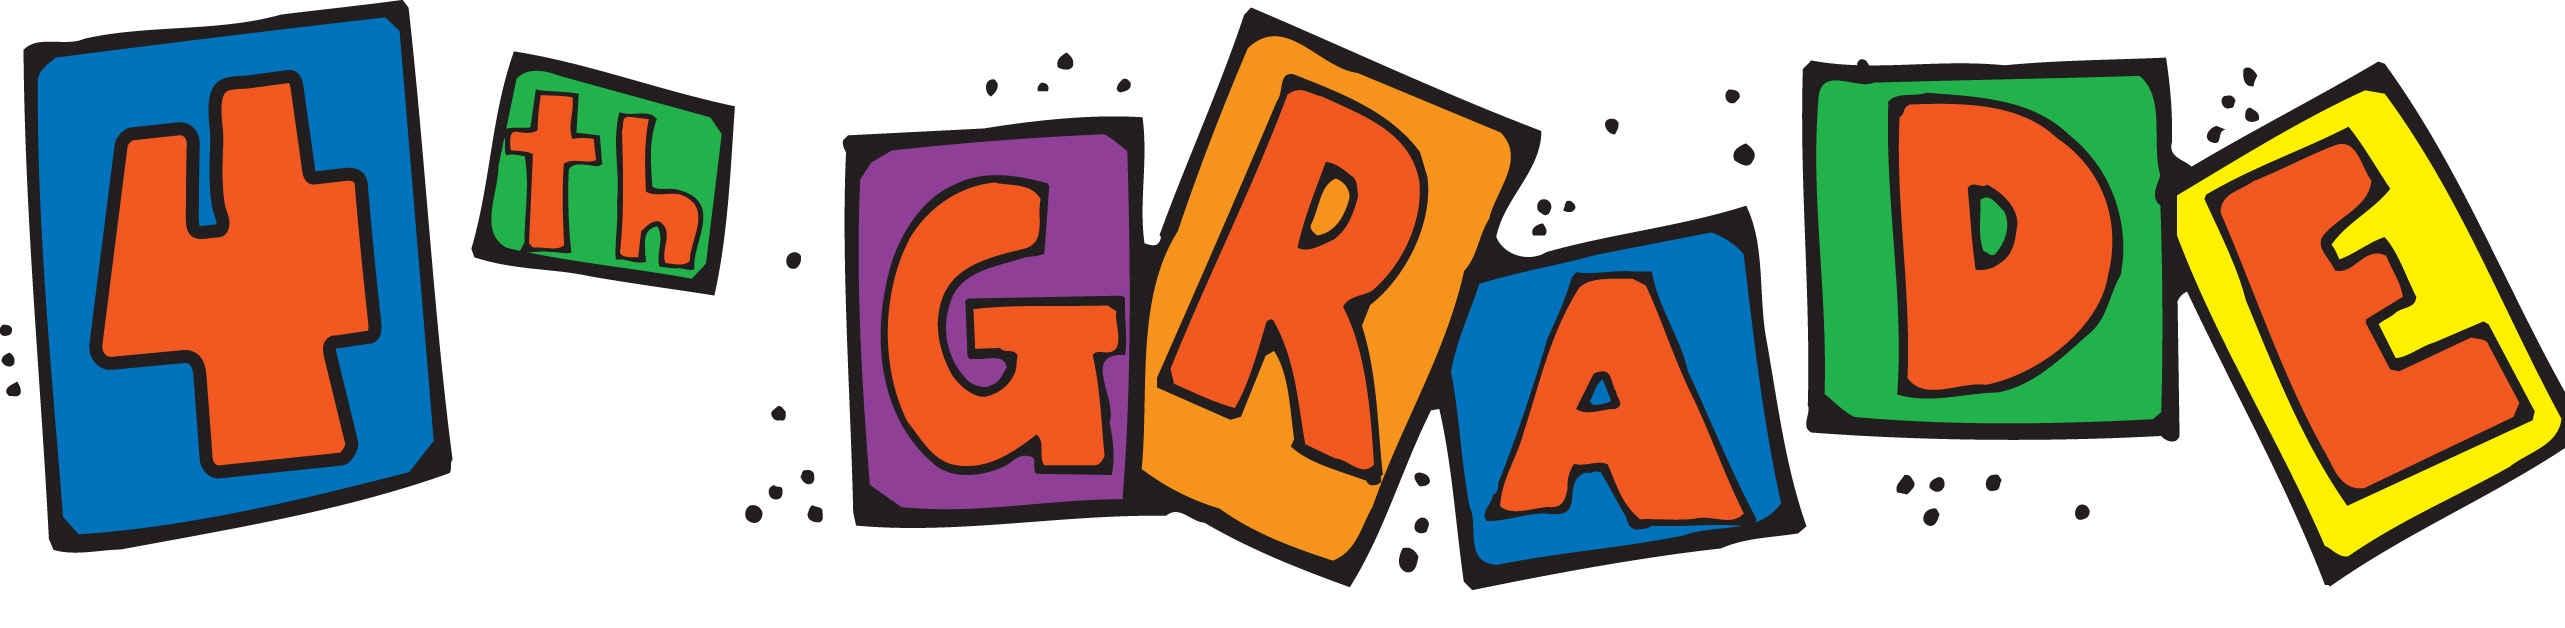 2565x628 4th Grade Cliparts